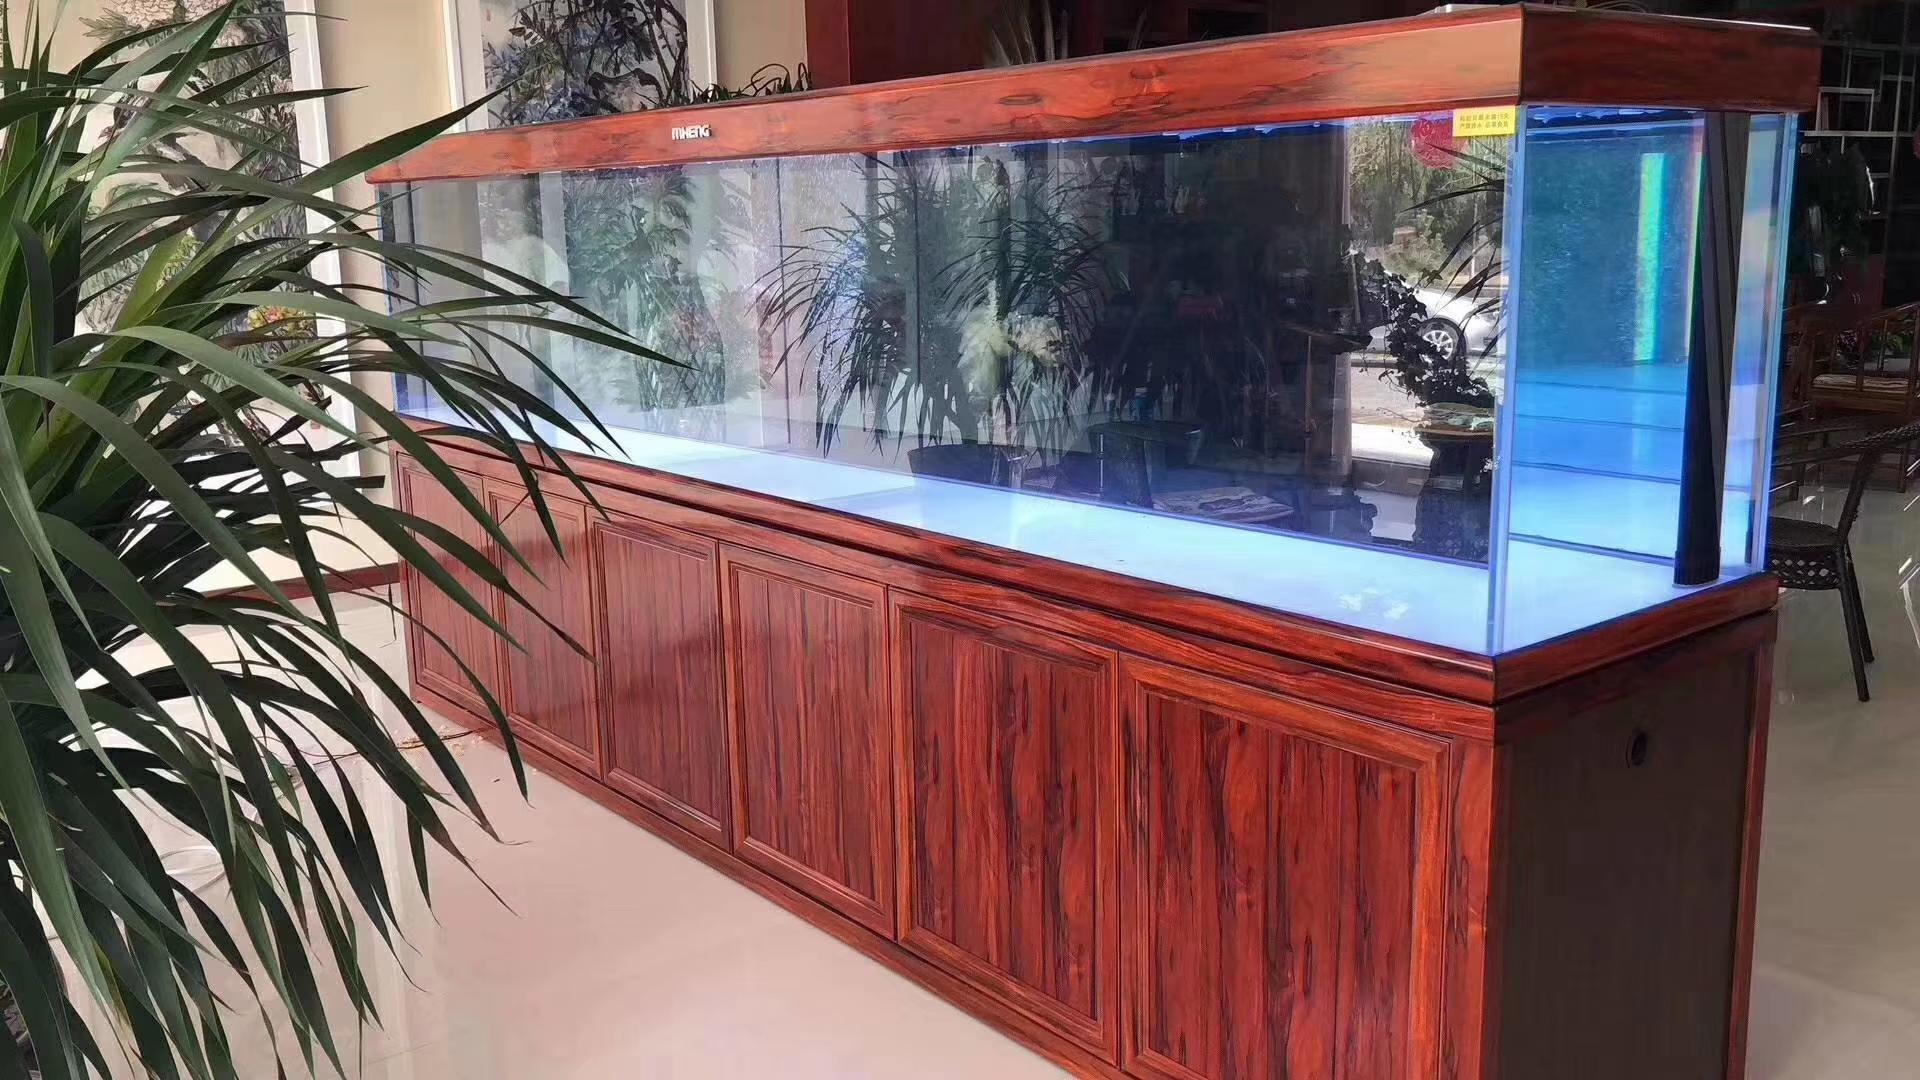 名亨品牌大型鱼缸定制各种款式欣赏3米3.6米